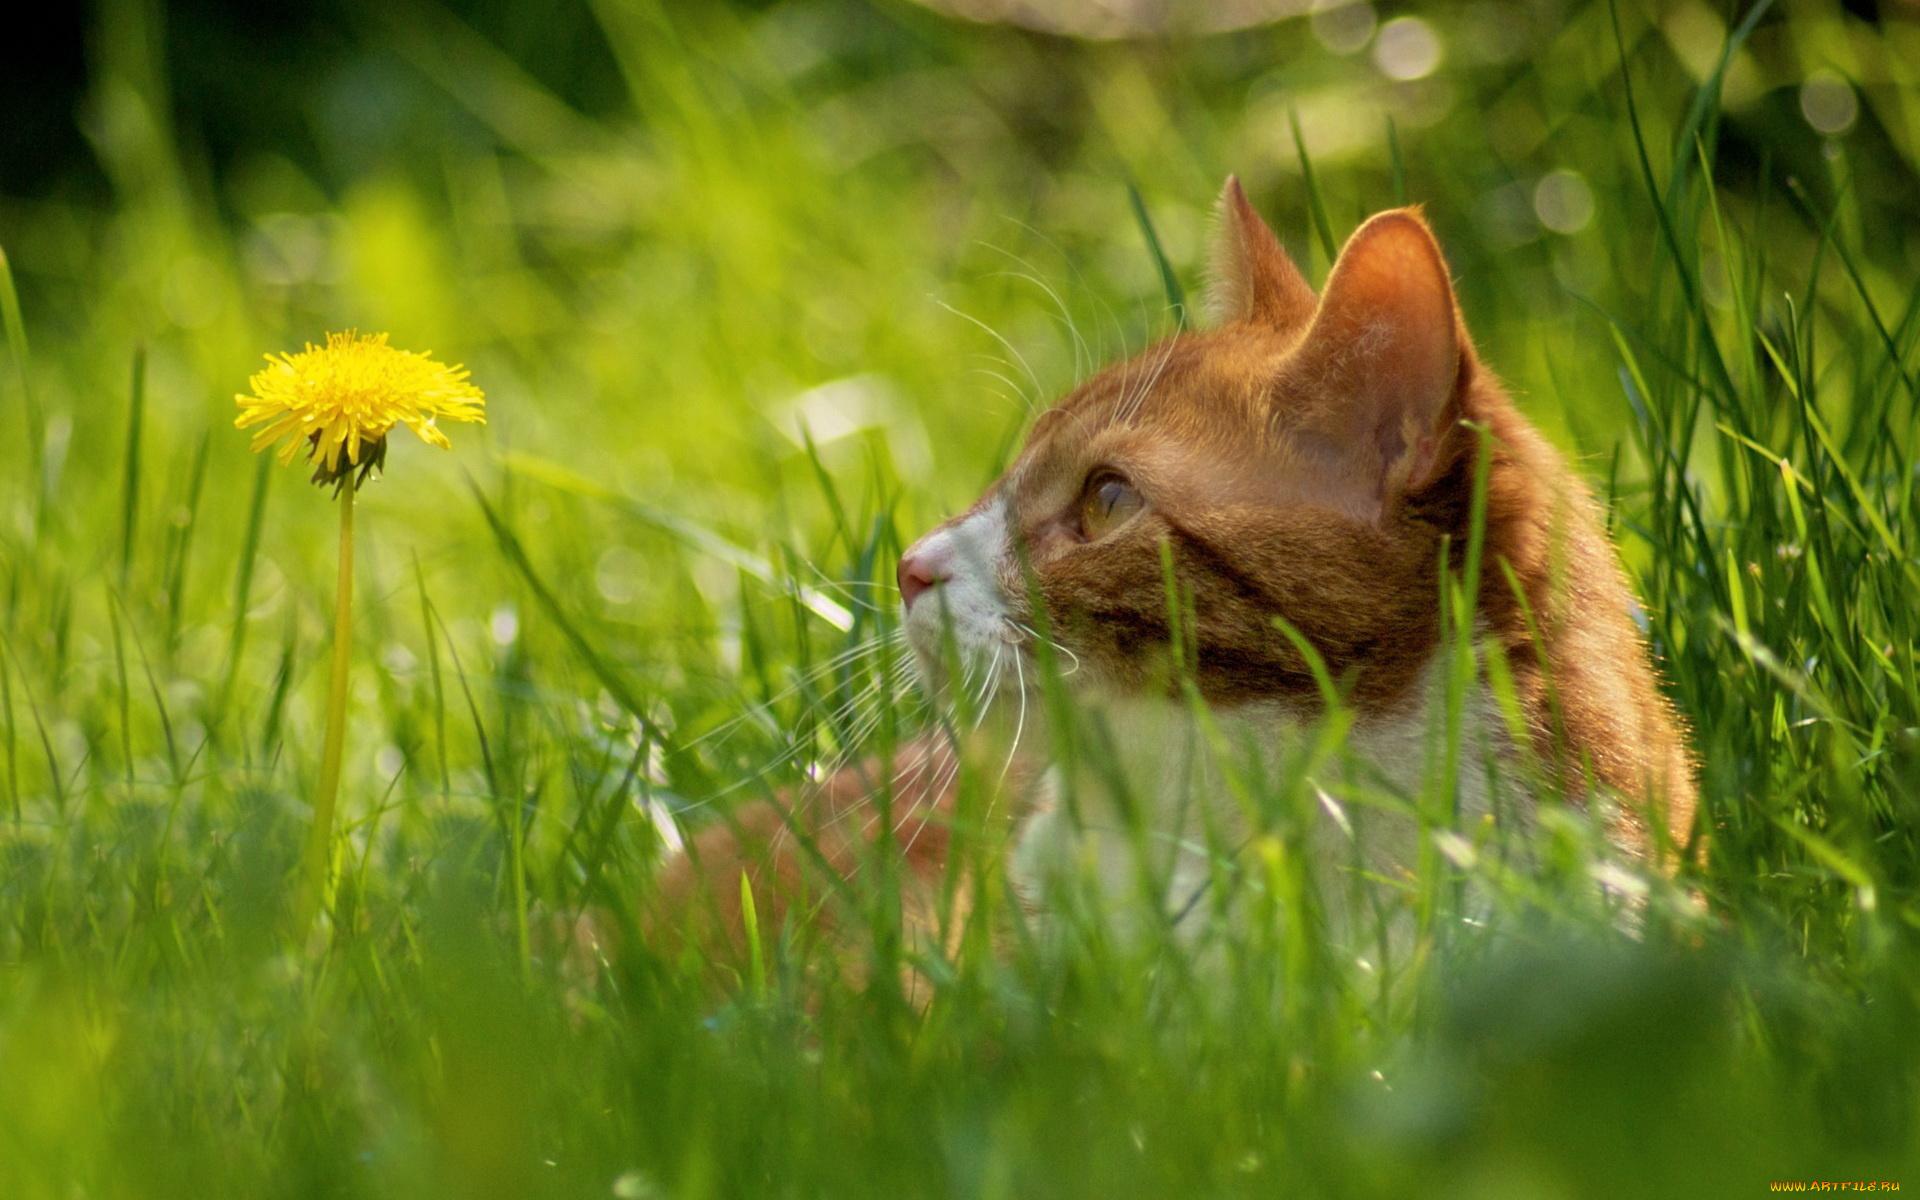 Котенок на траве  № 2959651 загрузить